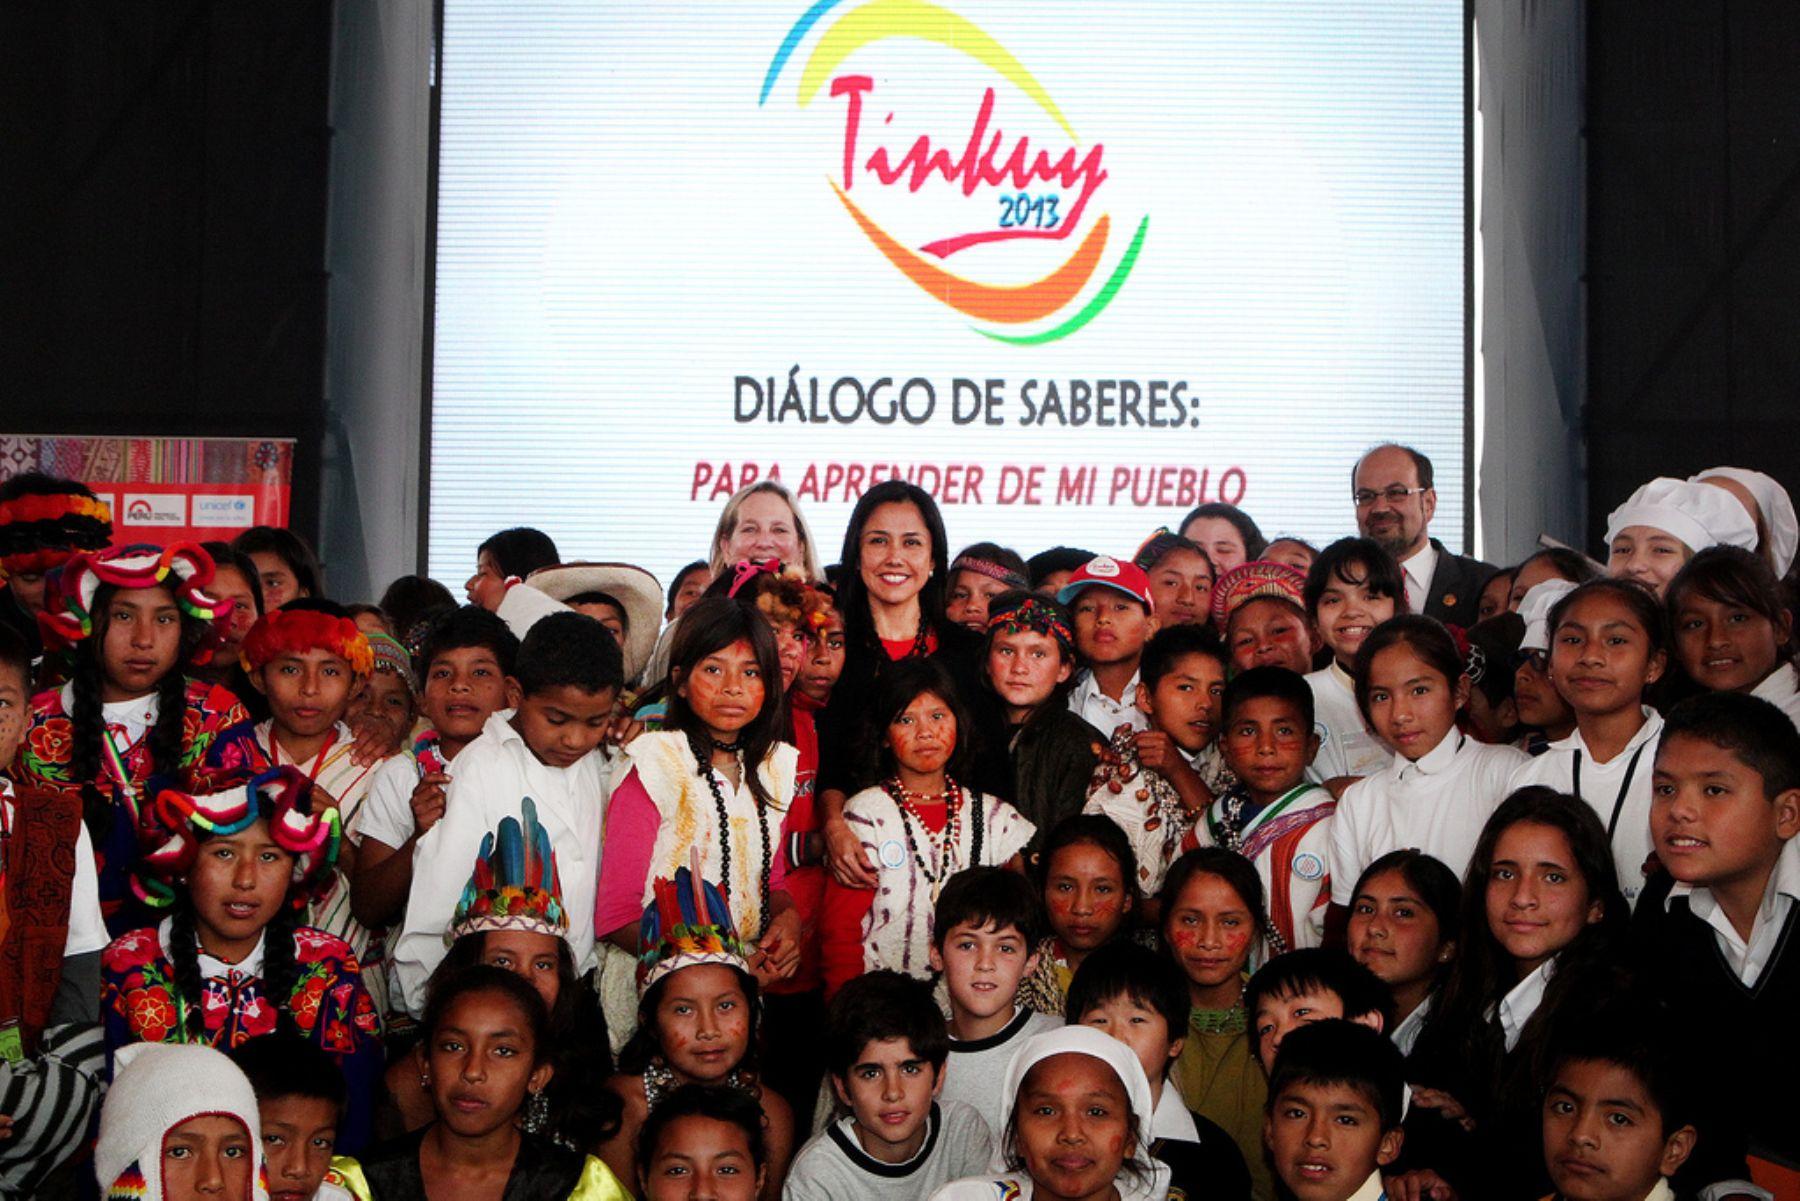 Primera Dama de la Nación, Nadine Heredia, durante ceremonia del Tinkuy 2013 dijo que los niños y niñas nos dan lección de avanzar en conjunto hacia un mismo ideal. ANDINA/Presidencia